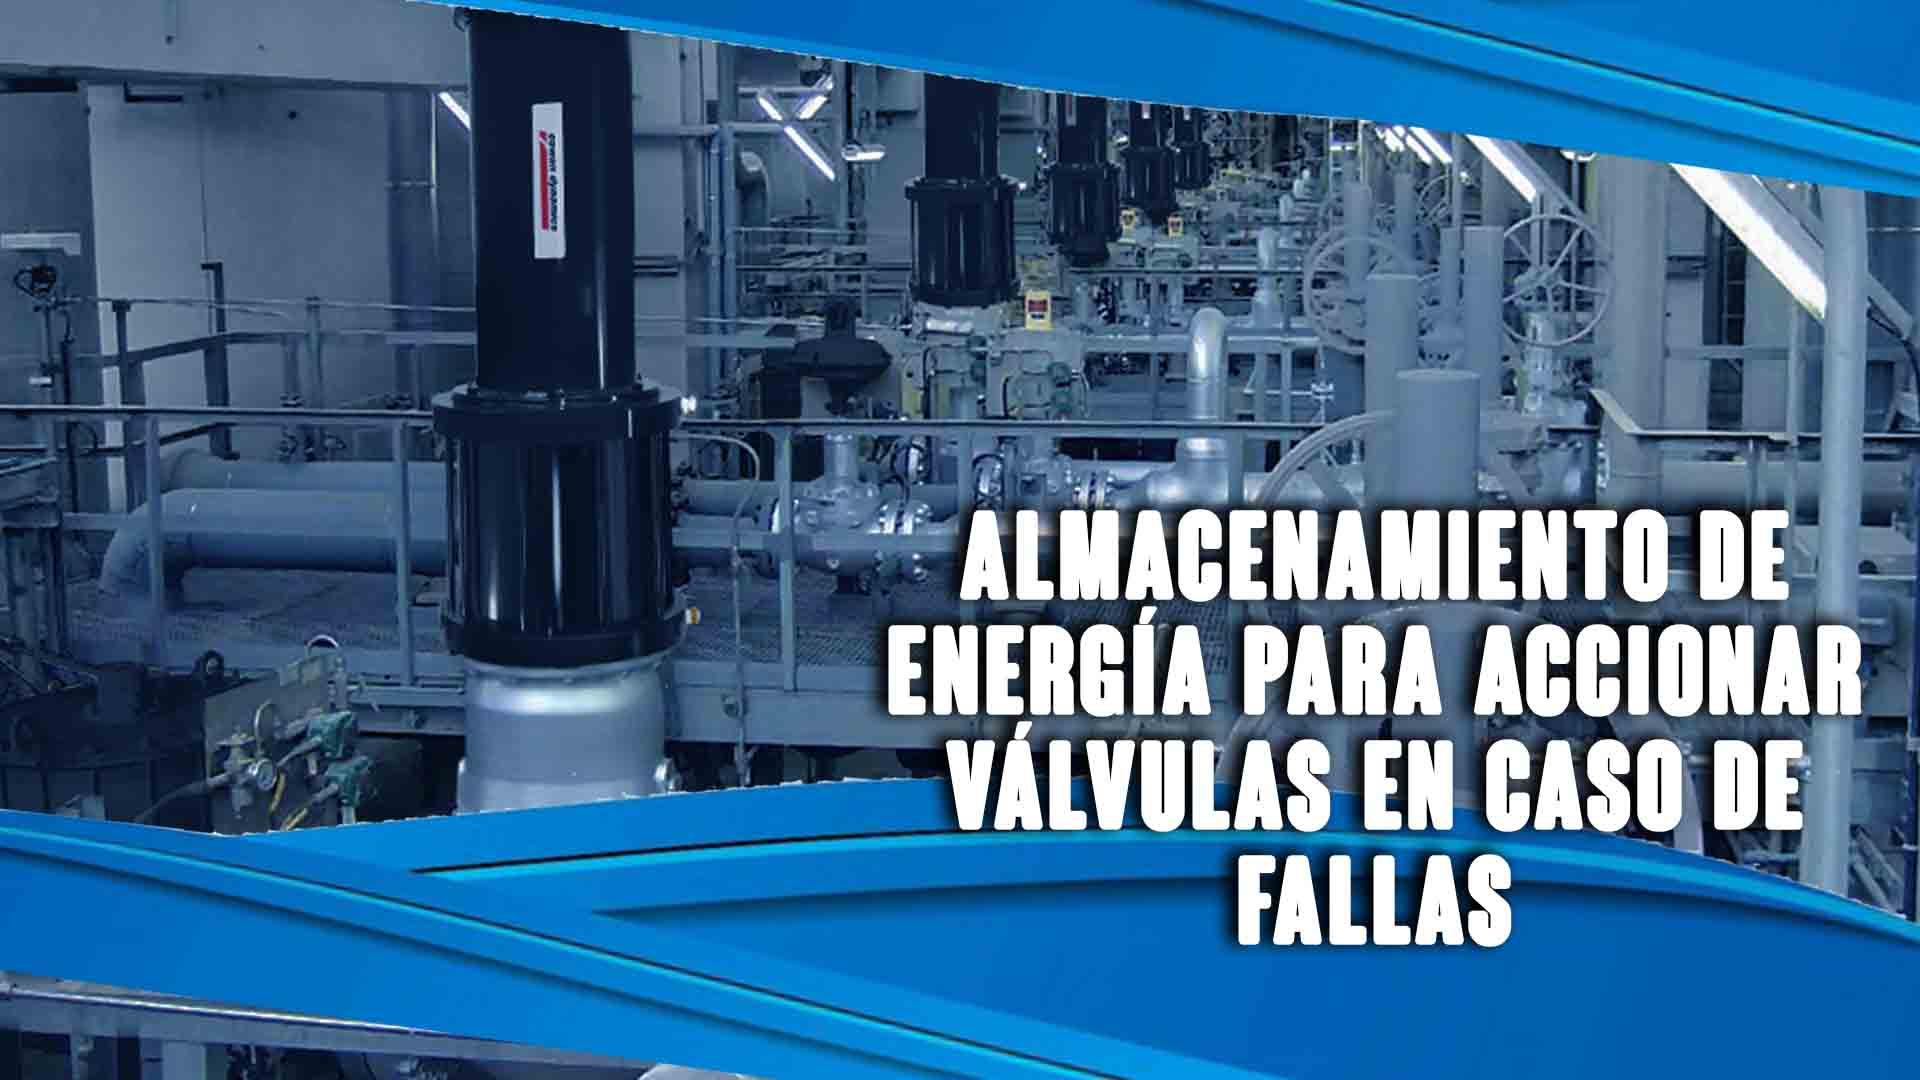 Almacenamiento de energía para accionar válvulas en caso de fallas